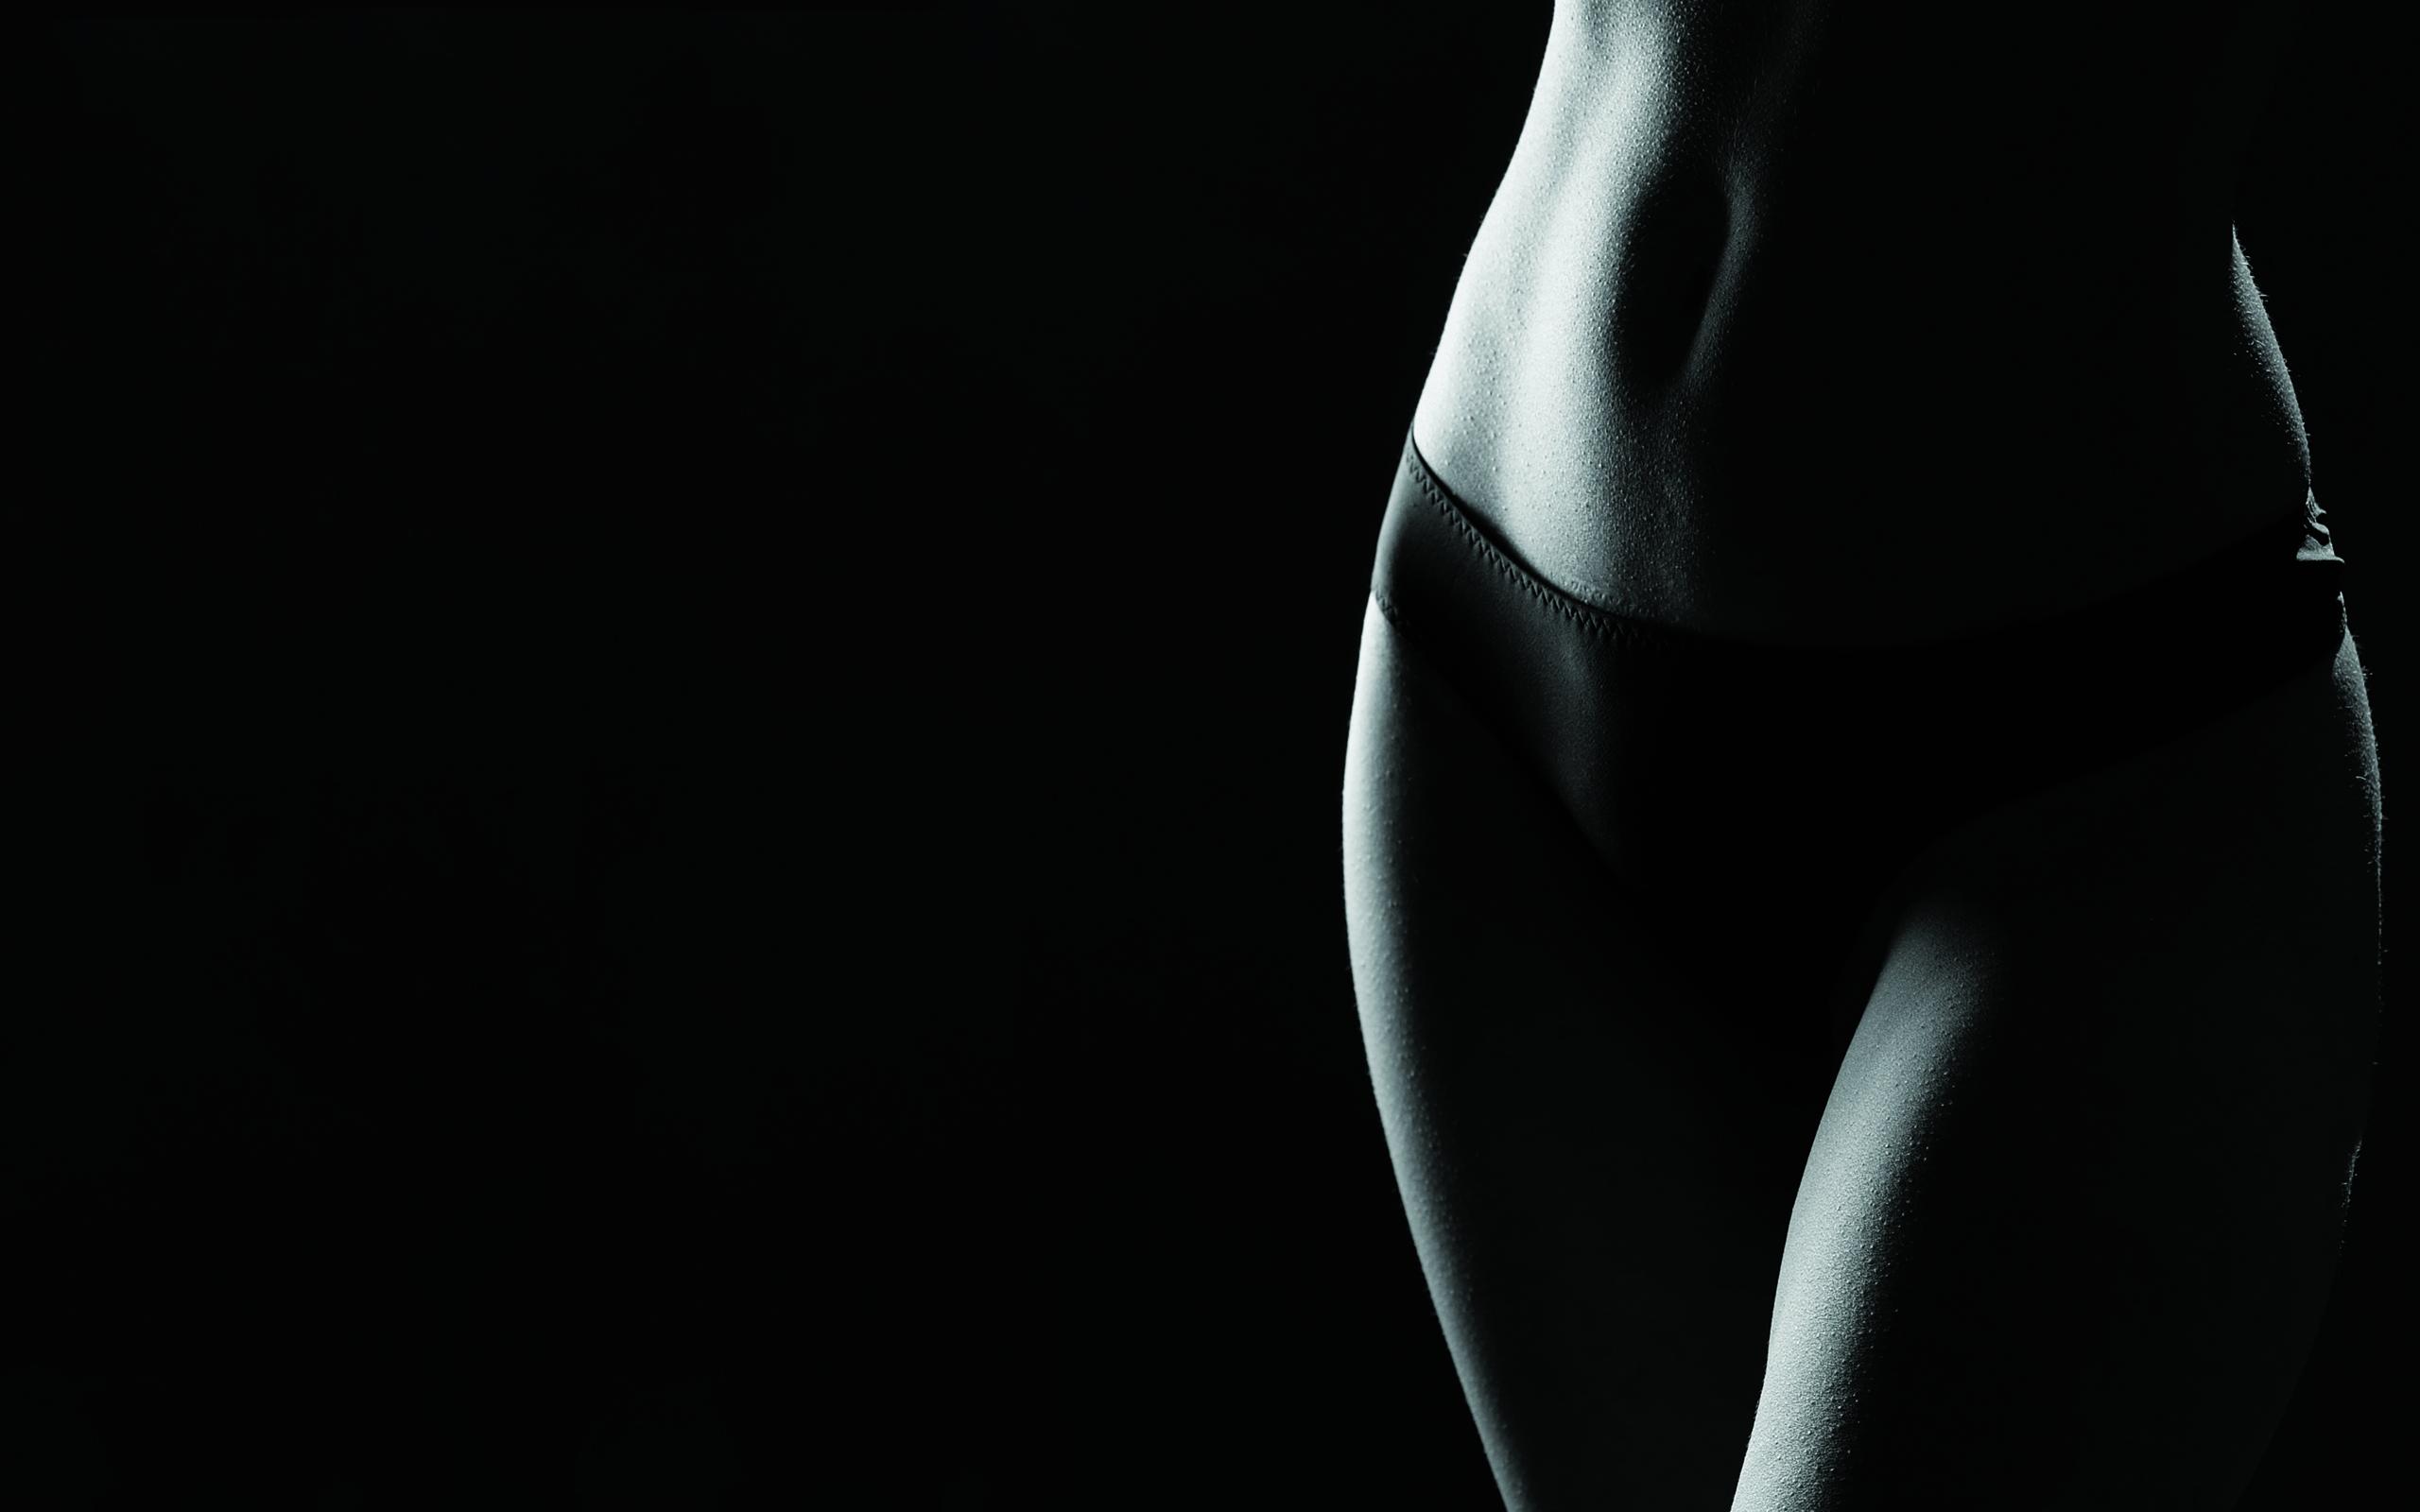 Женские тела в черном